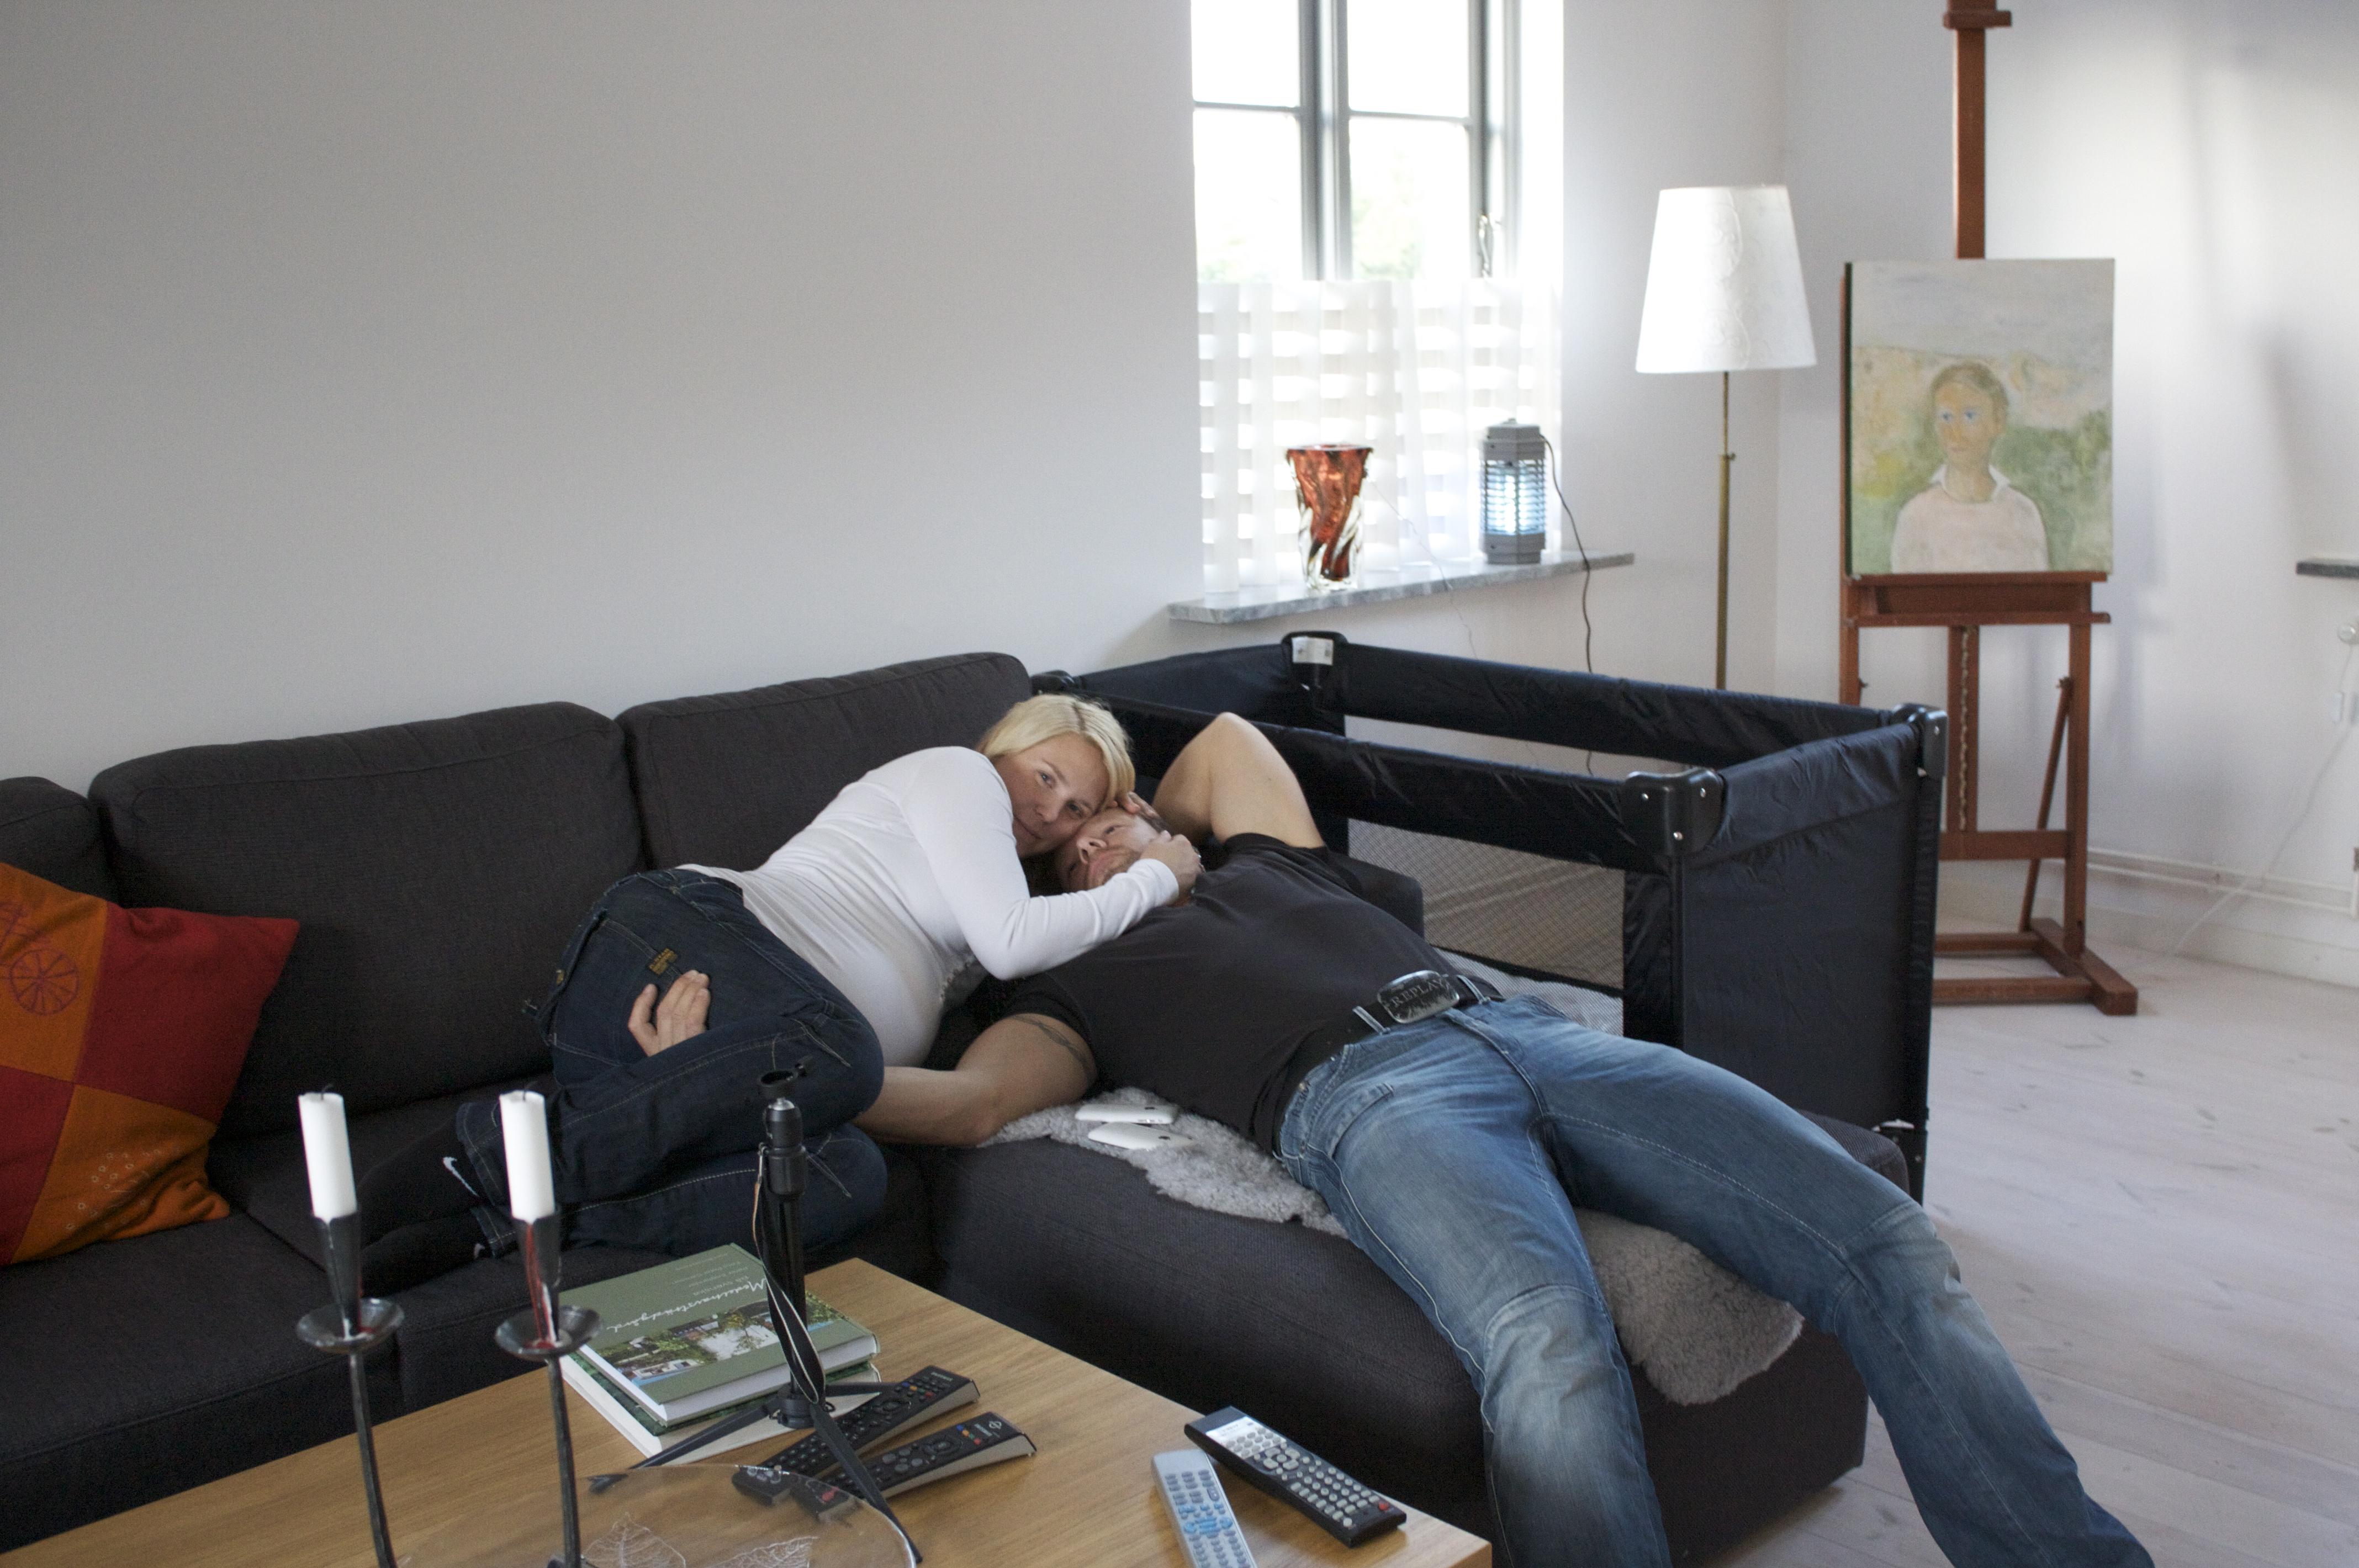 Vardagsrummet i Tommarp. Fotot är taget samma dag som Sixten skulle födas. Ni som missade magen...